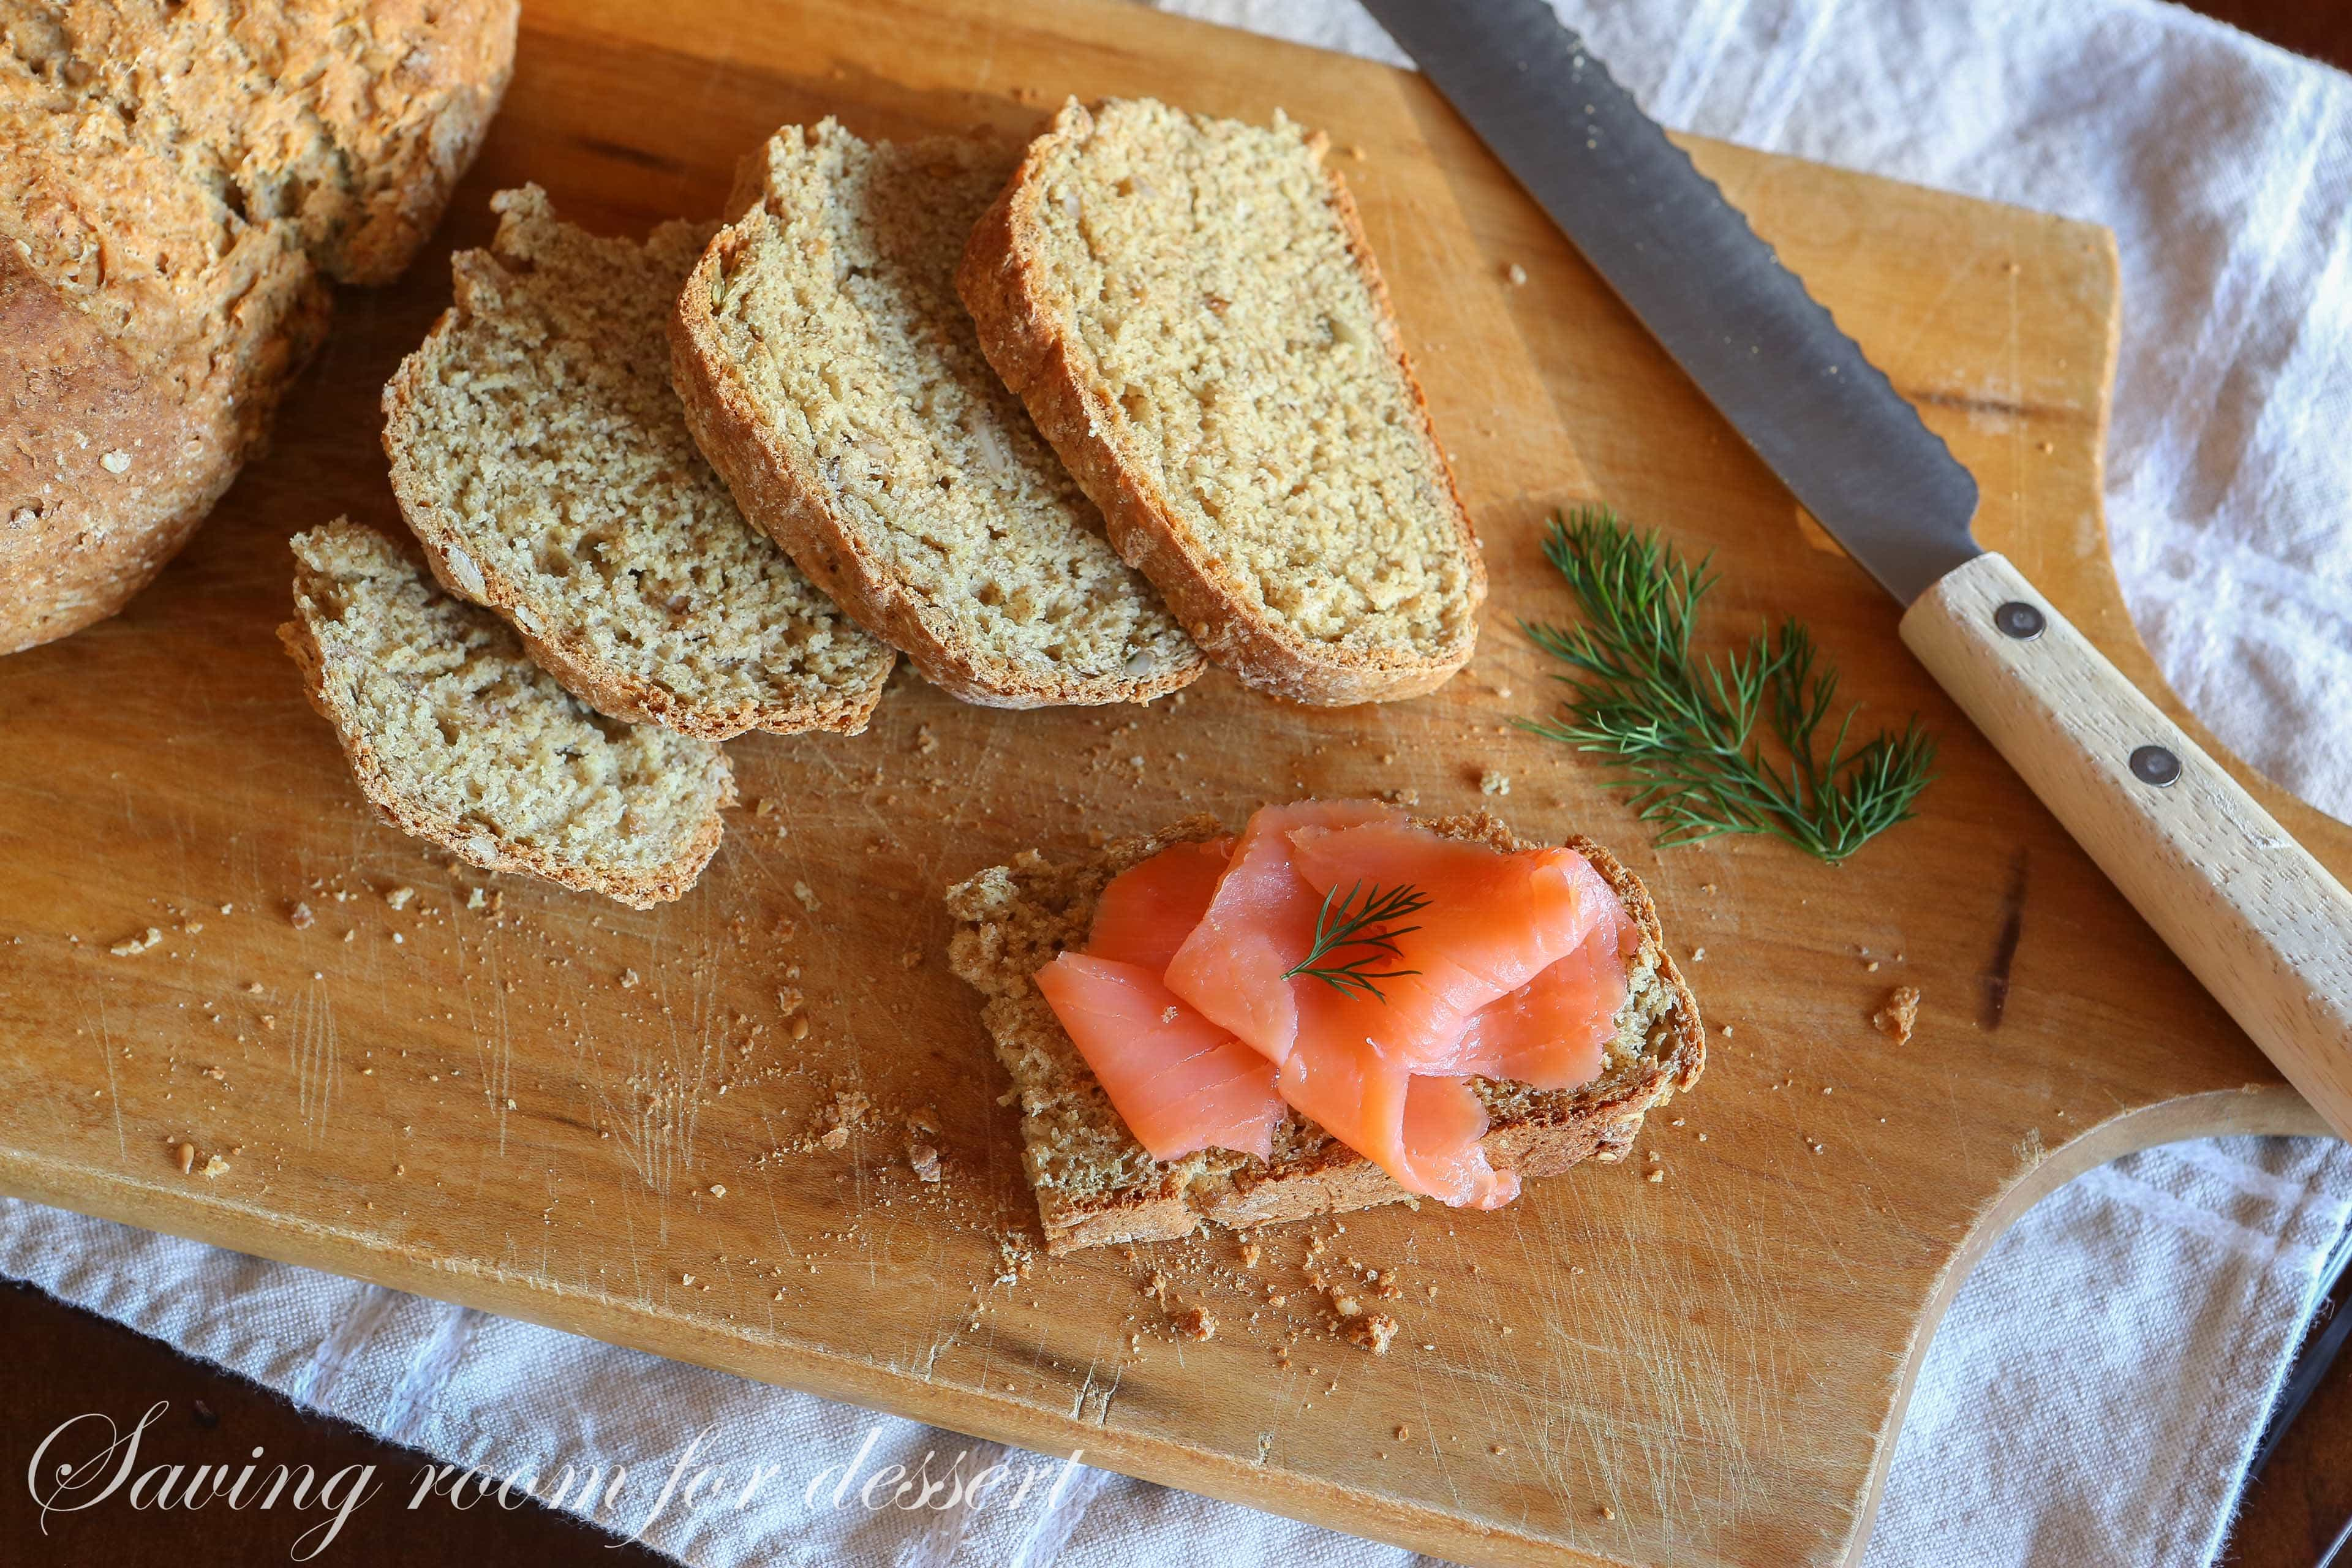 The Irish often enjoy this bread topped with smoked salmon or mackerel ...